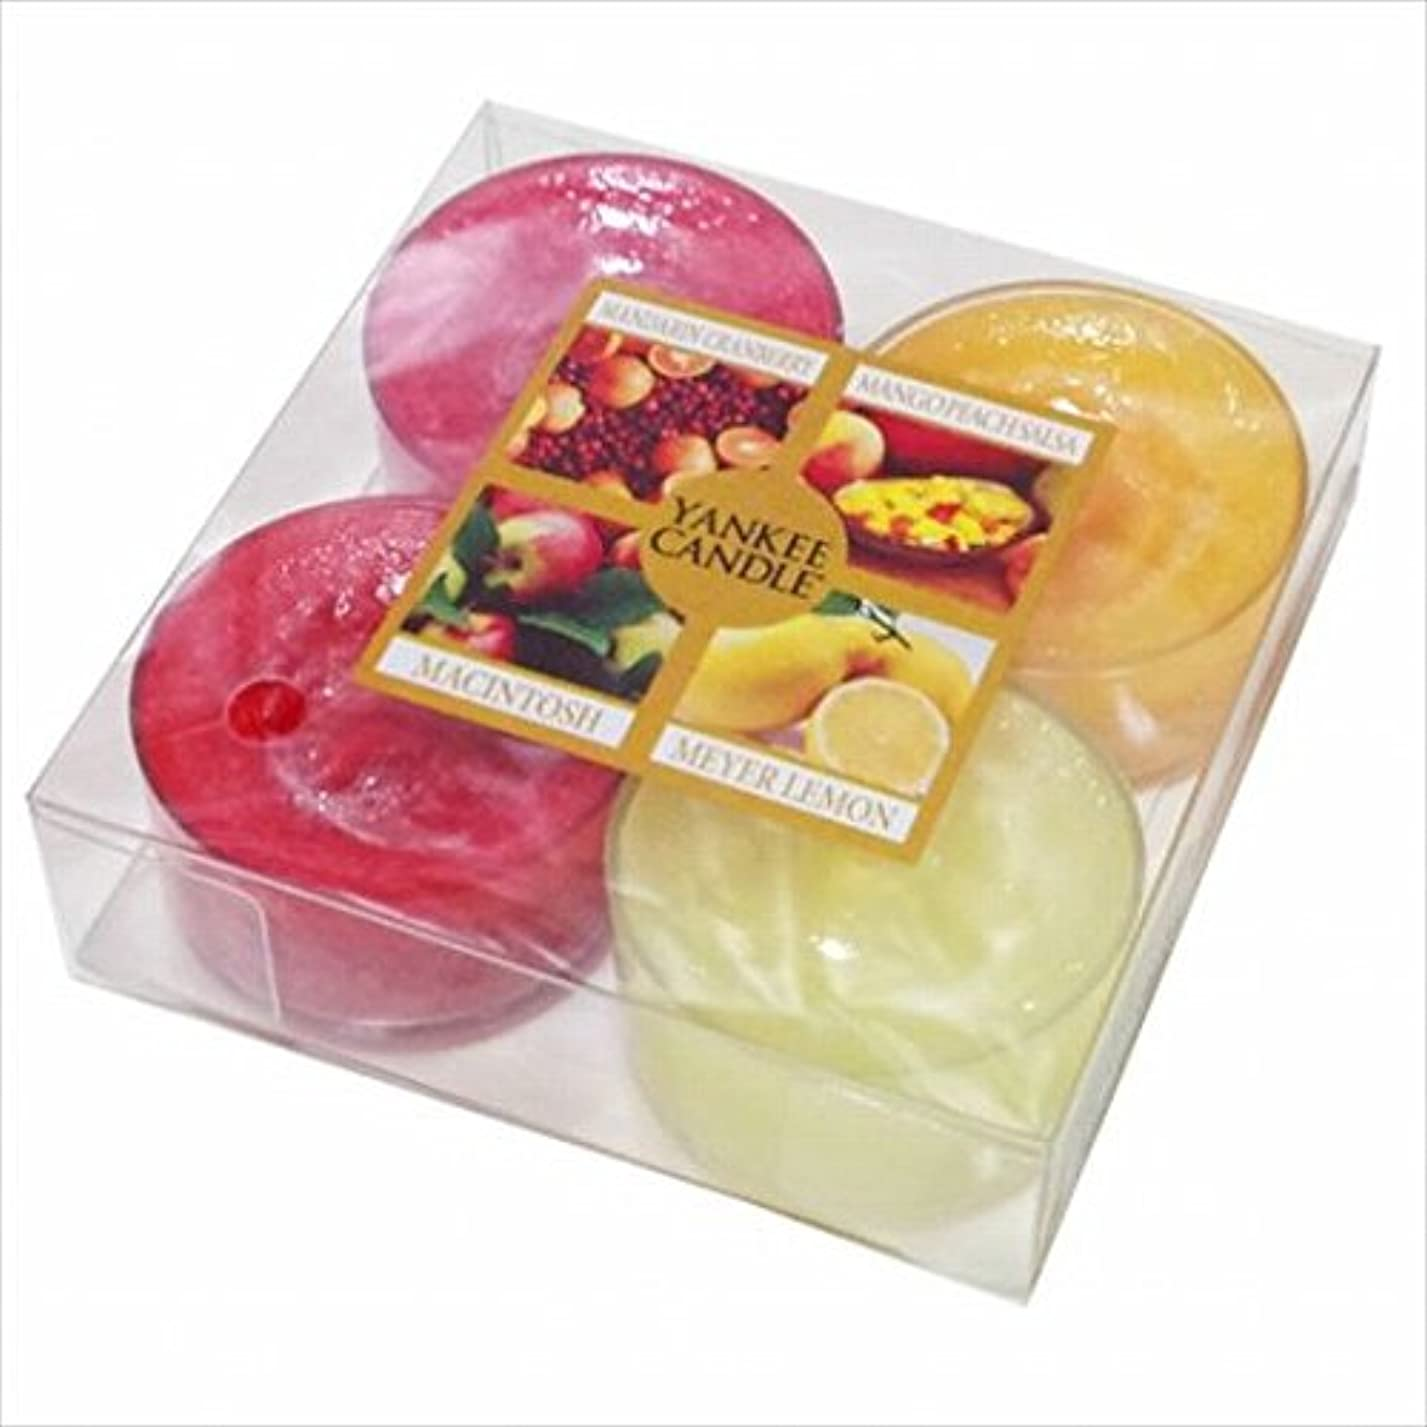 逃れる複製する口カメヤマキャンドル(kameyama candle) YANKEE CANDLE クリアカップティーライト4個入り アソート 「 フルーツ 」